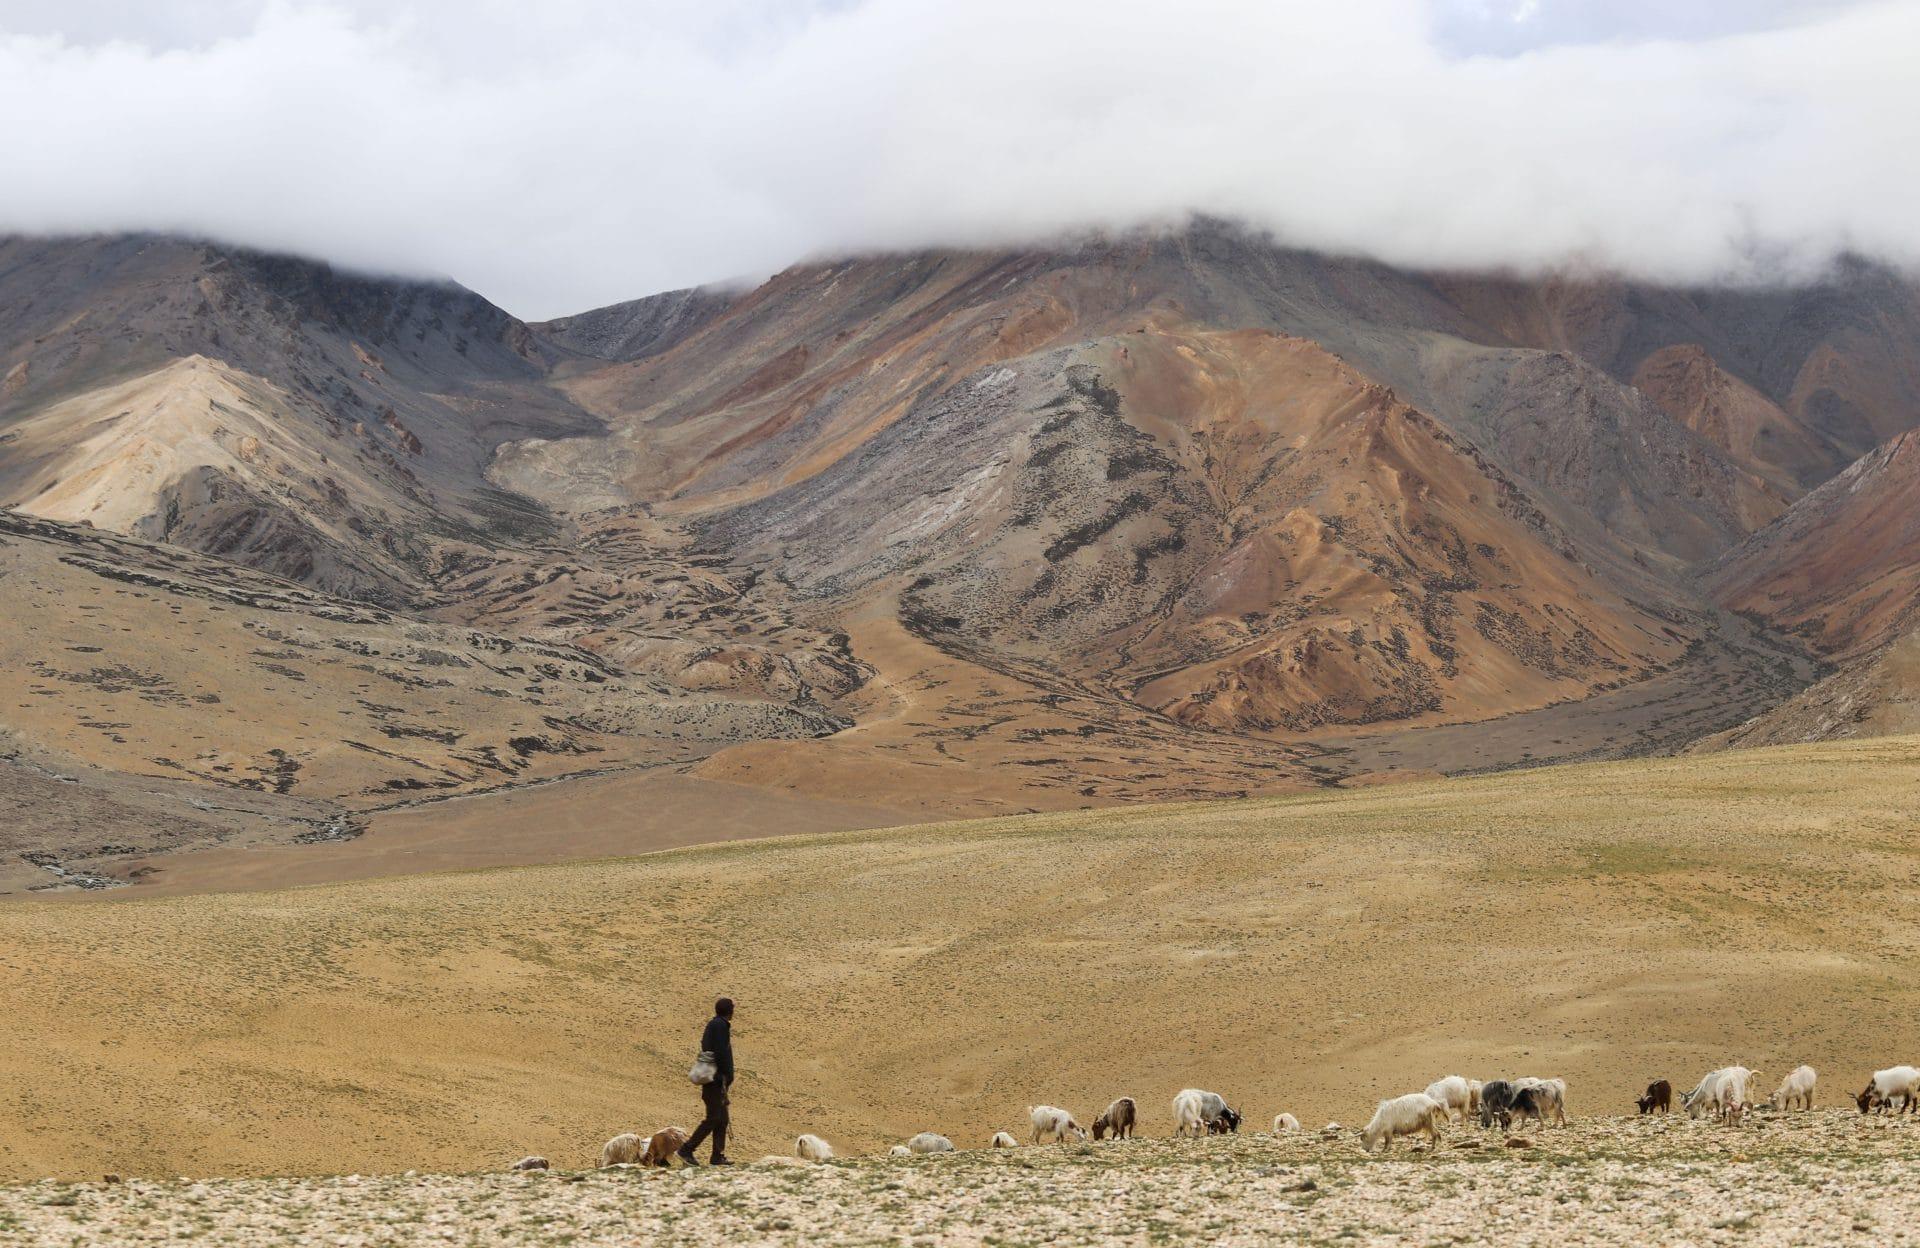 Le berger, Région du Ladakh en Inde